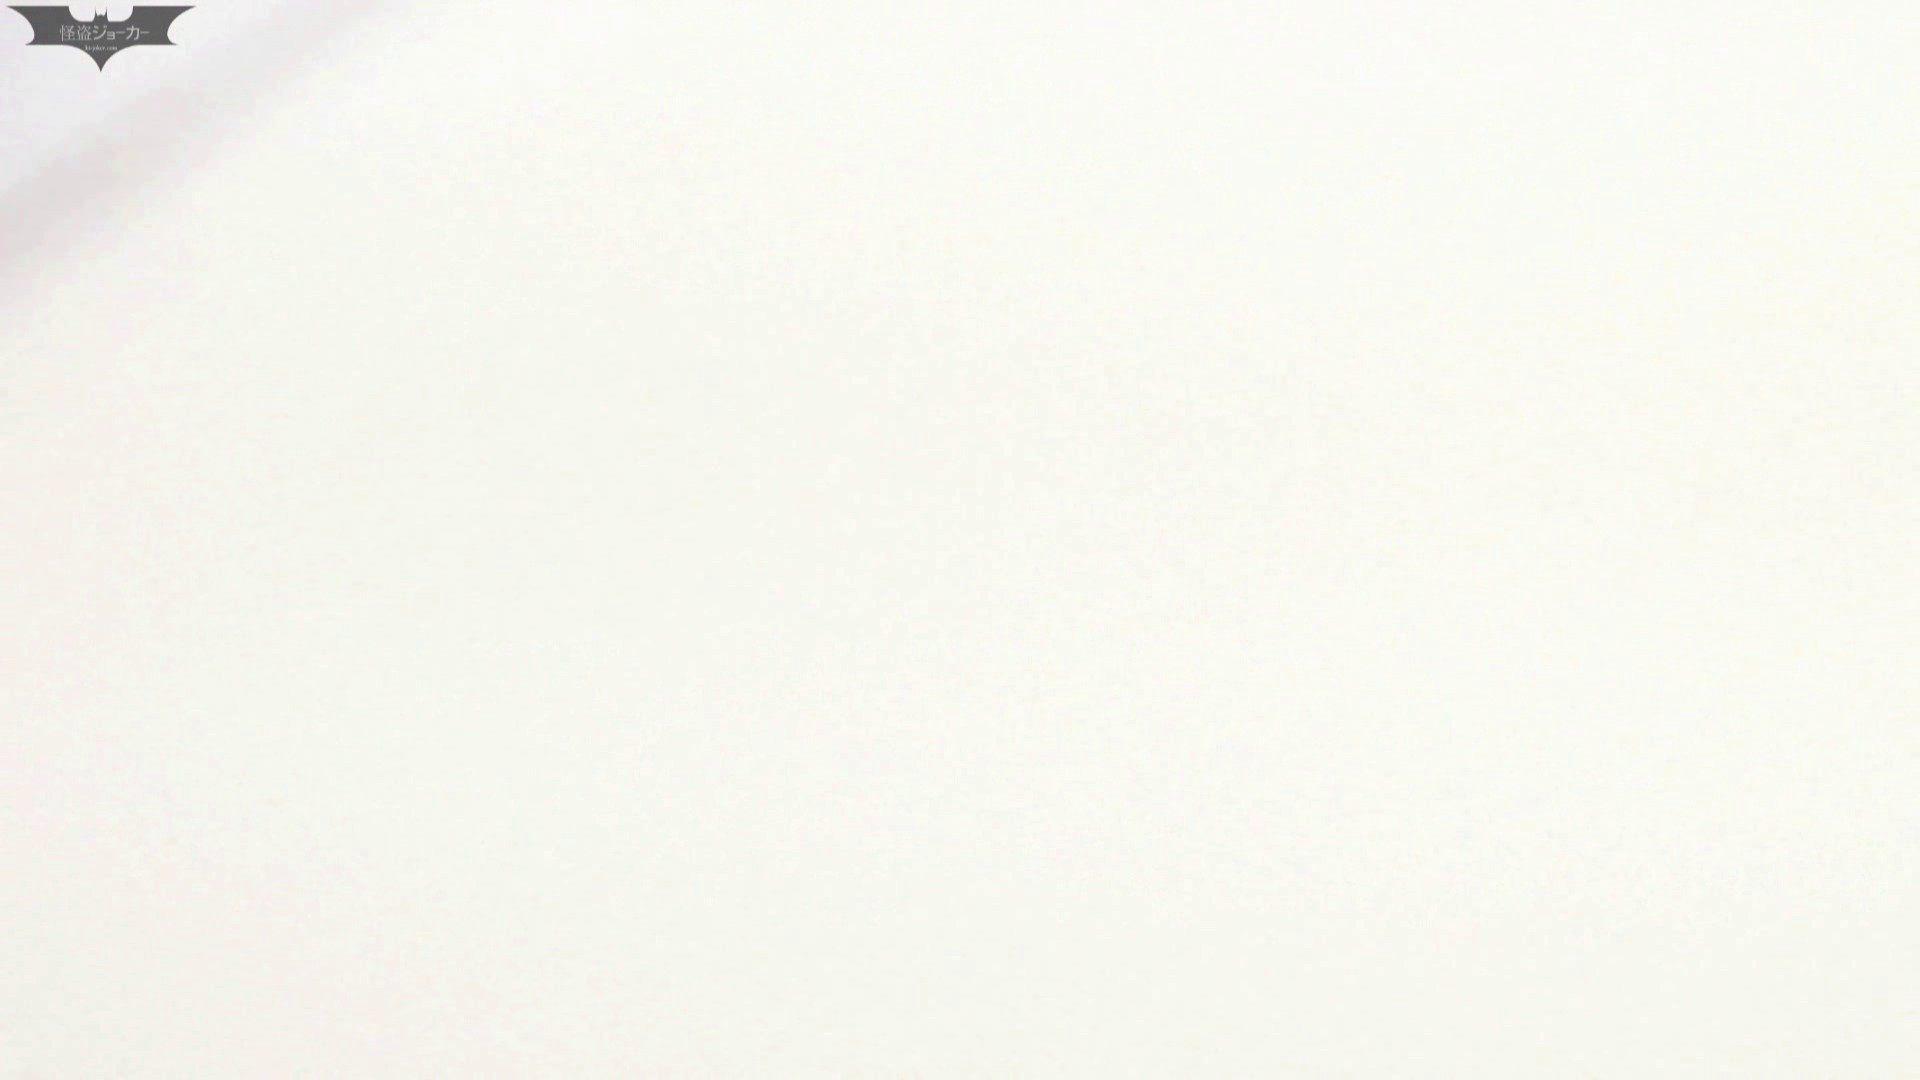 お銀 vol.68 無謀に通路に飛び出て一番明るいフロント撮り実現、見所満載 高画質  60PIX 18